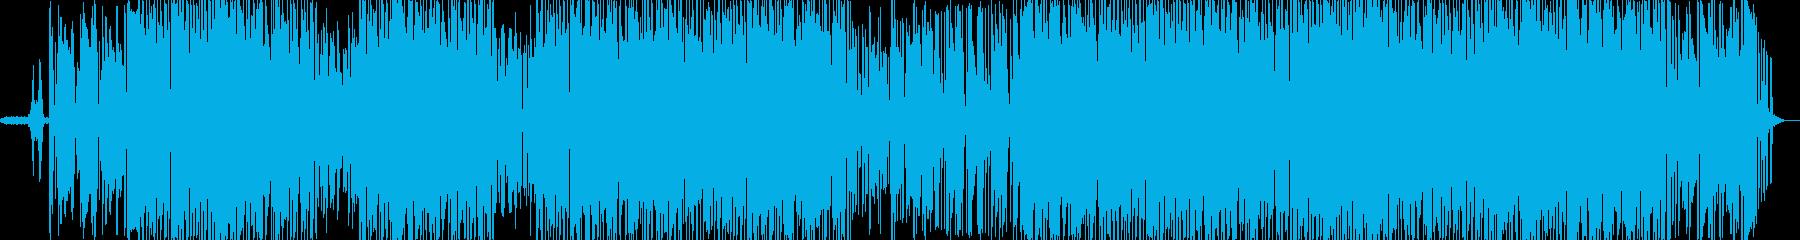 清々しく心地のよいヒーリングBGMの再生済みの波形